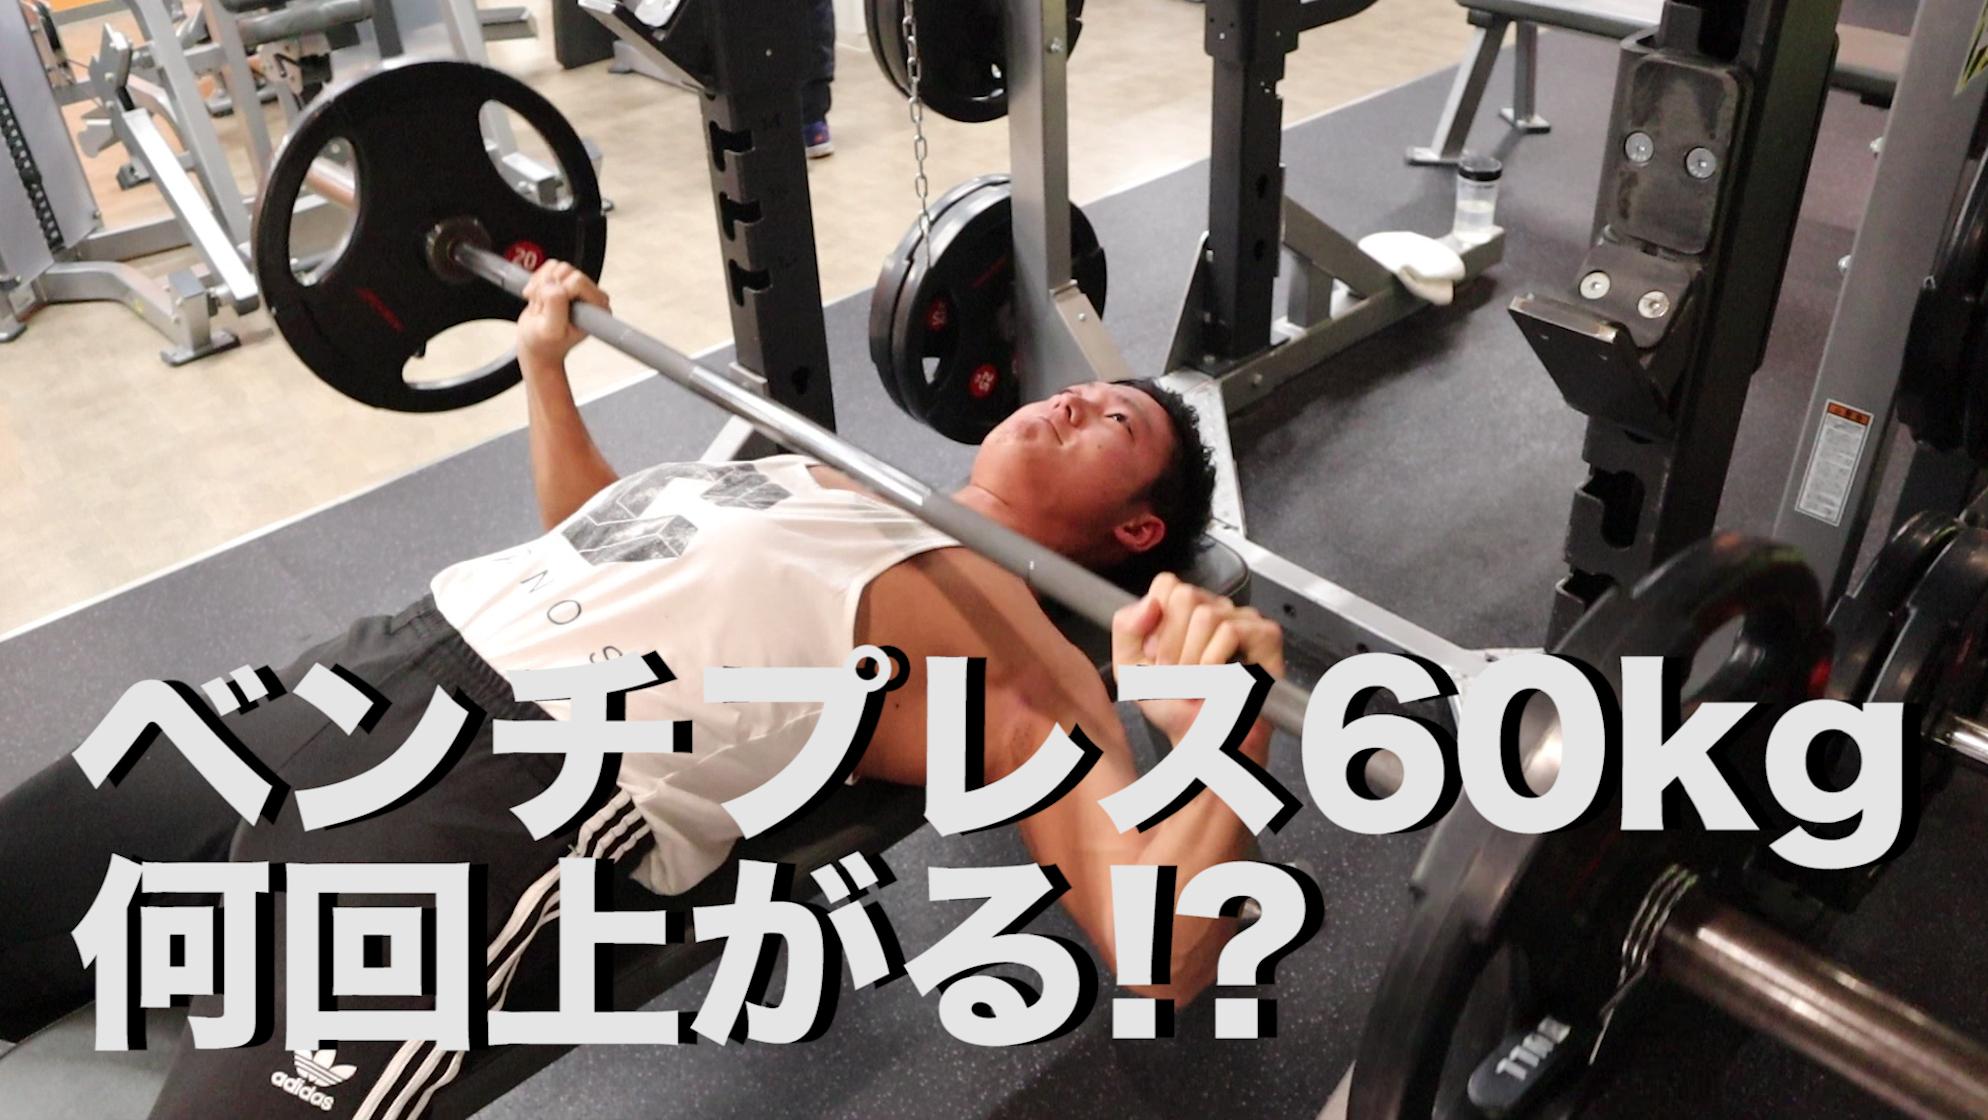 ベンチ プレス 60kg 【楽天市場】ベンチプレス 60kgの通販